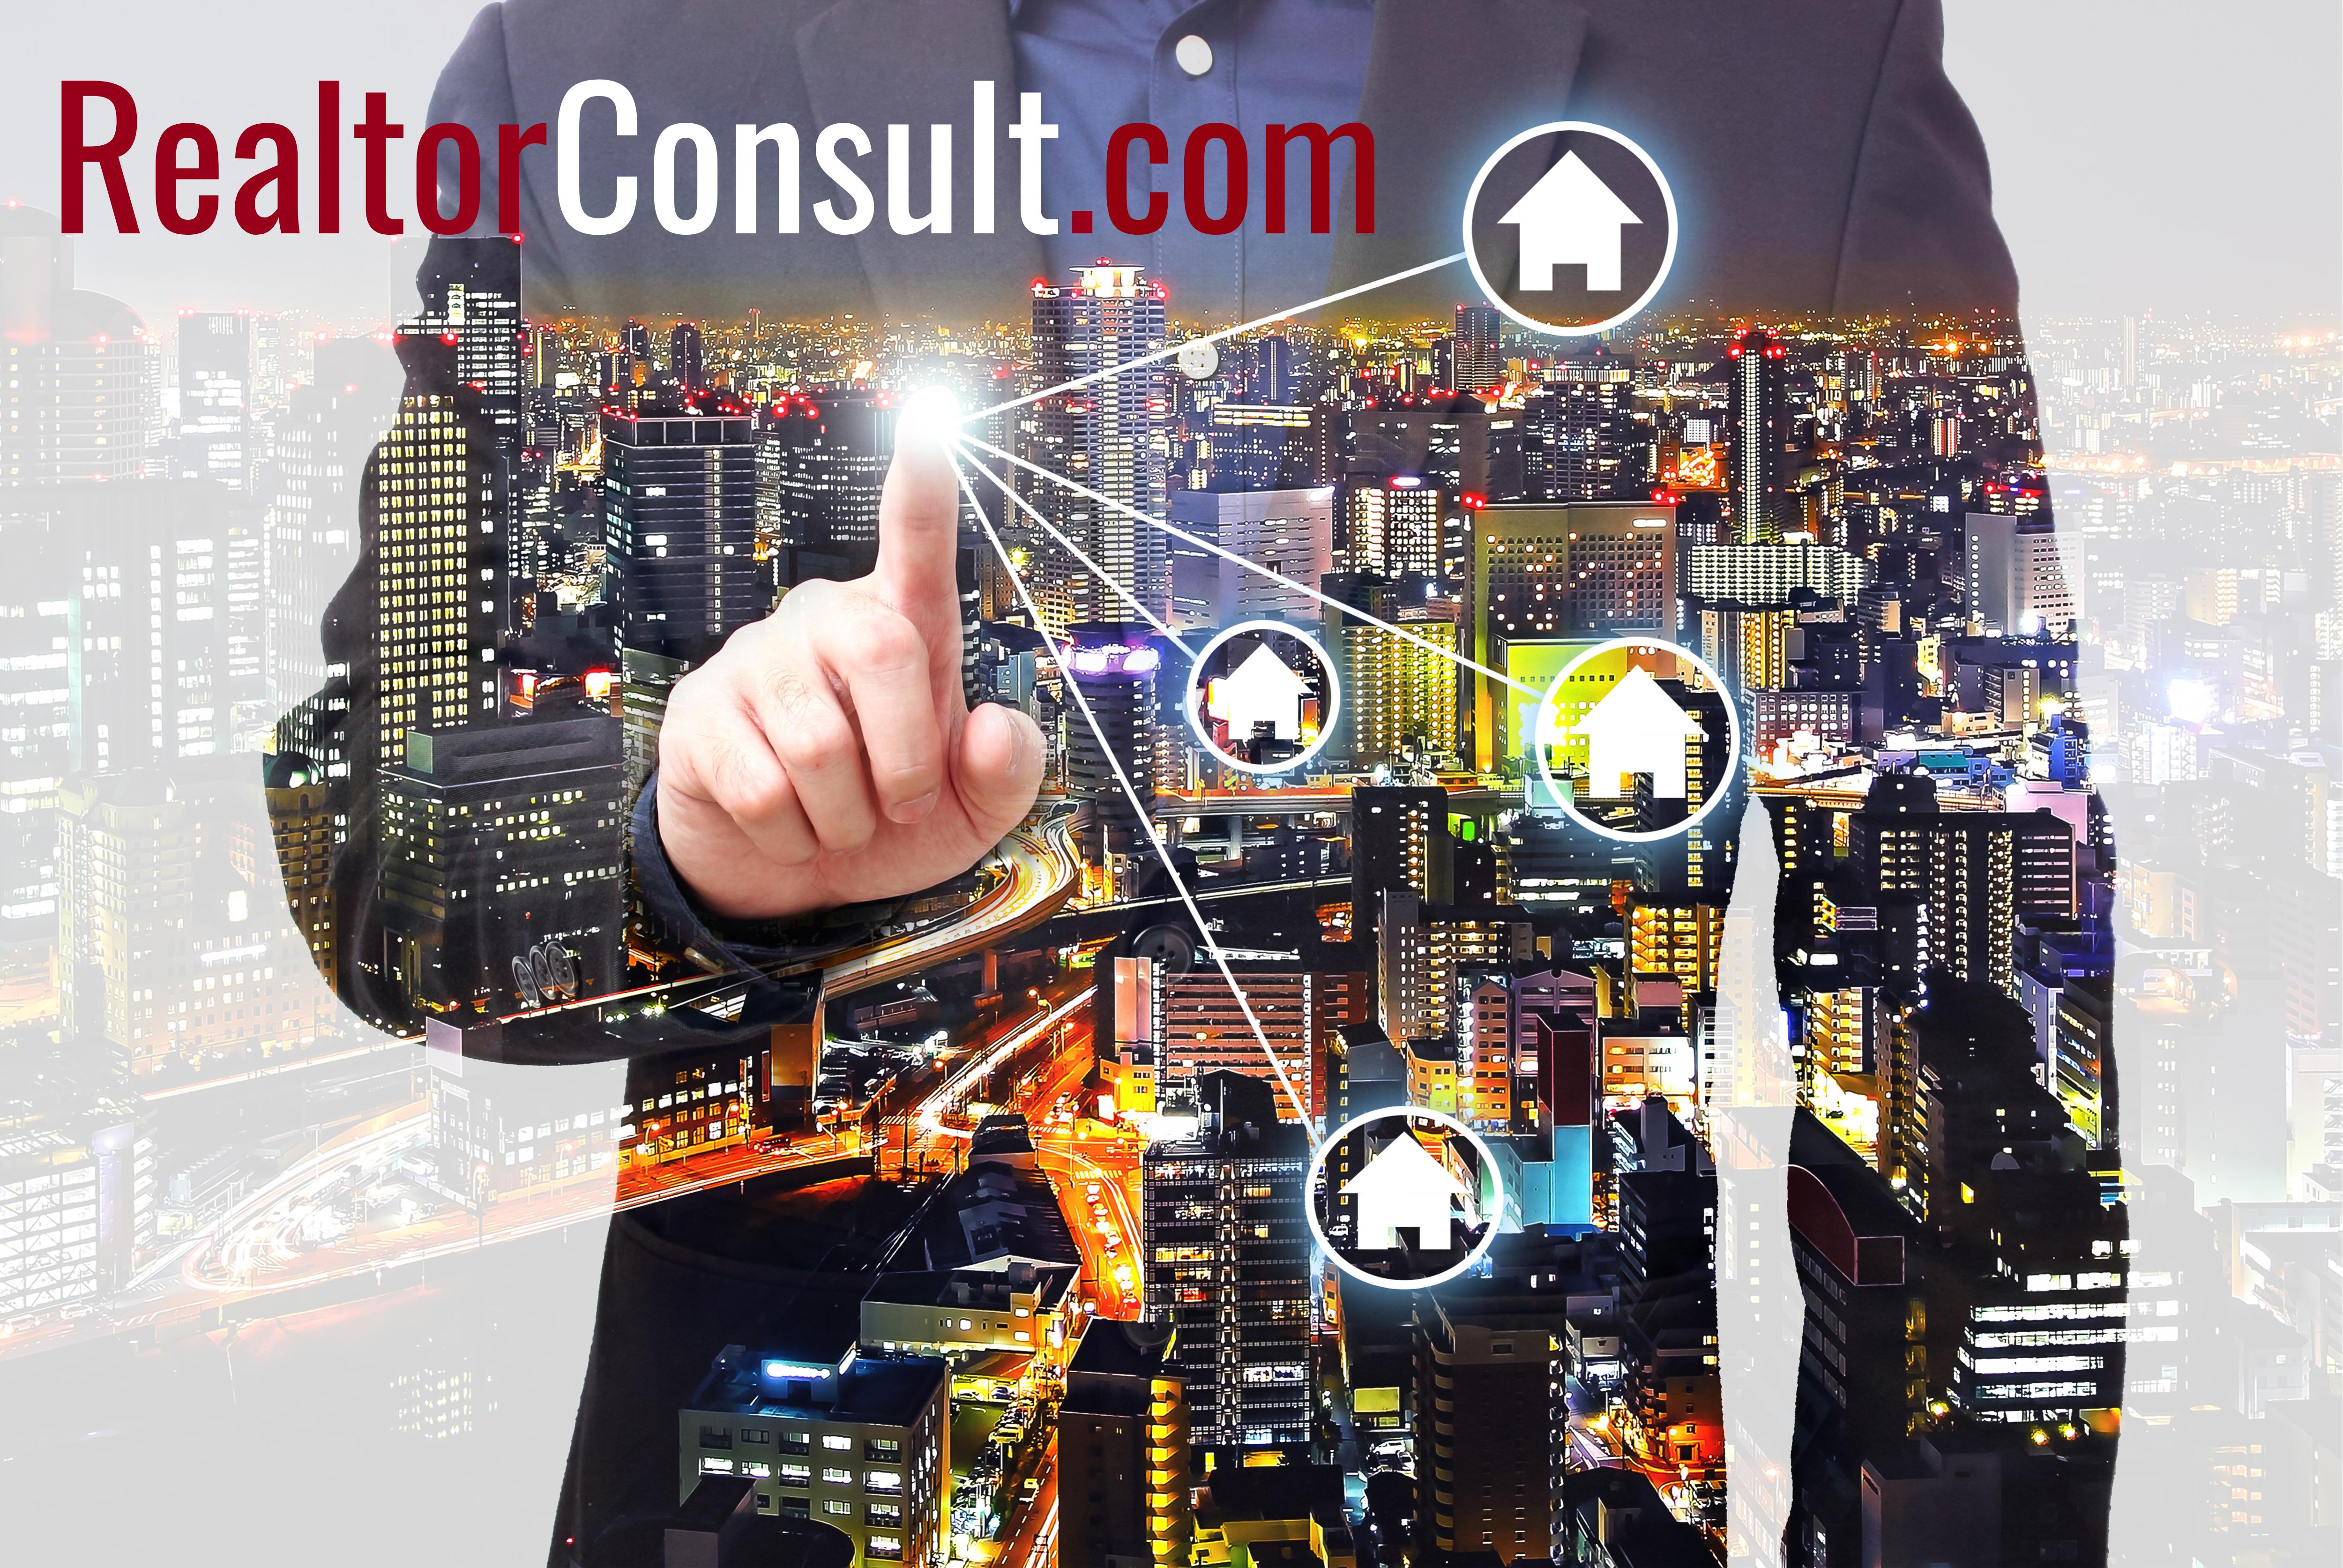 RealtorConsult.com